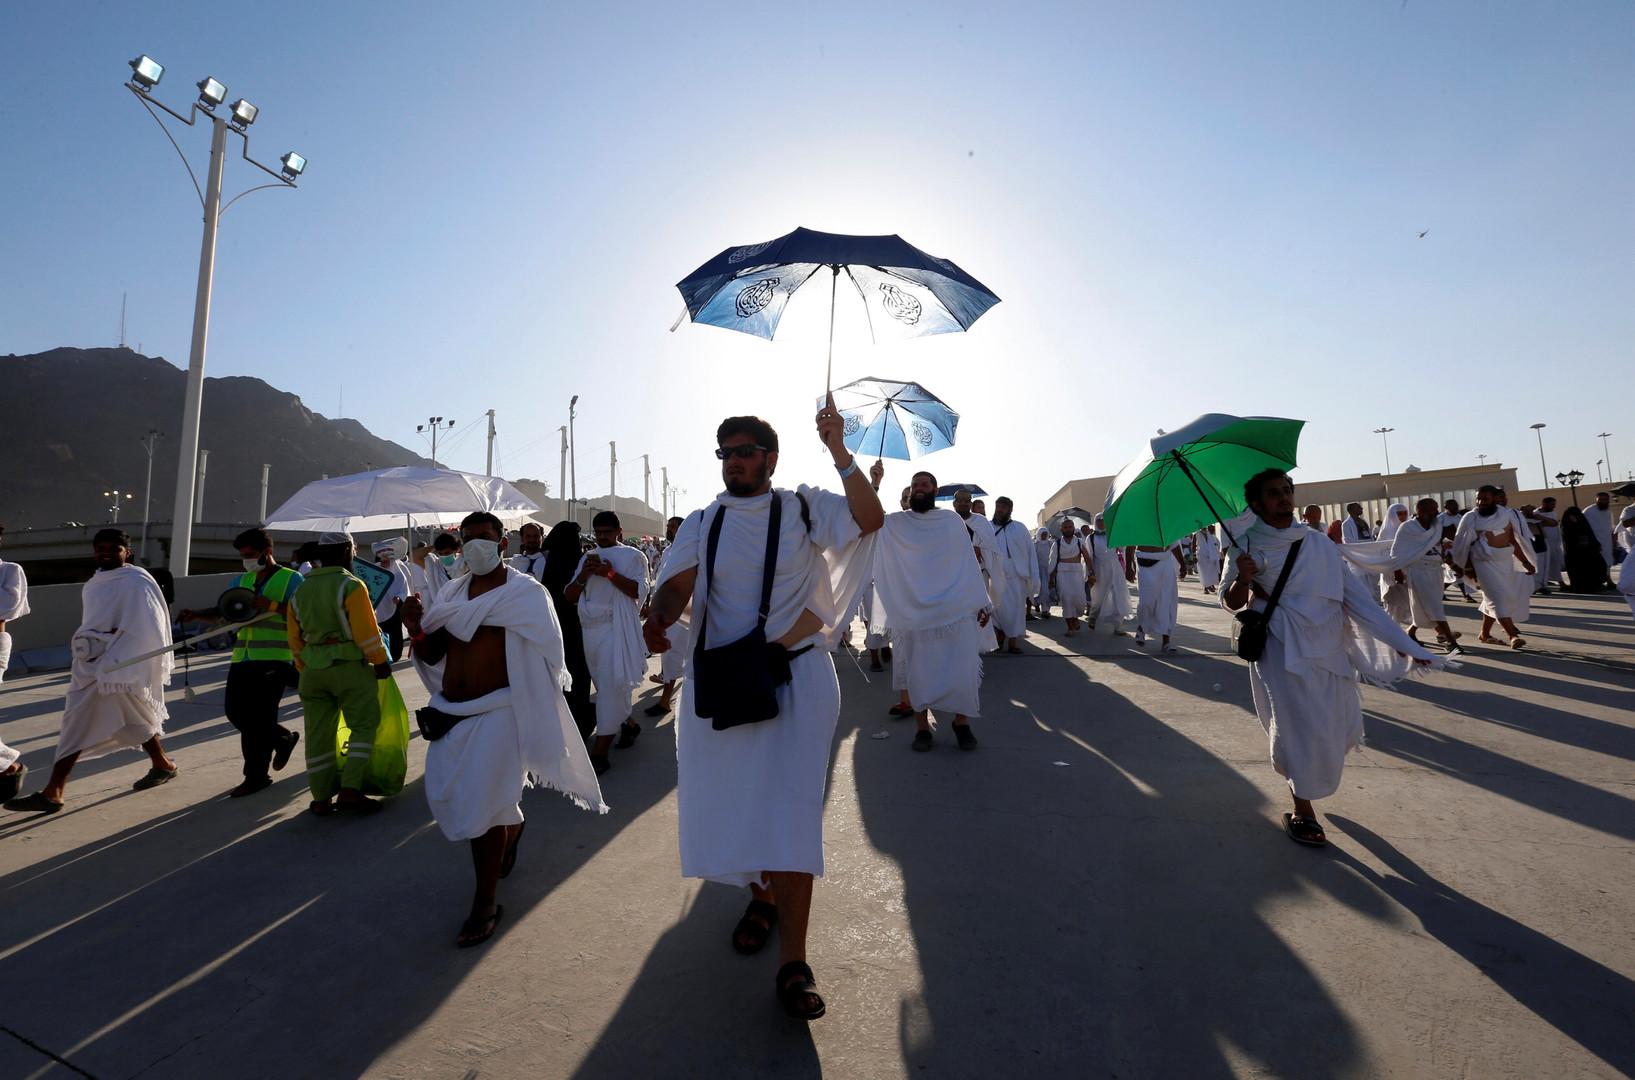 Des pèlerins quittant la ville de Mina après la lapidation des symboles de Satan.